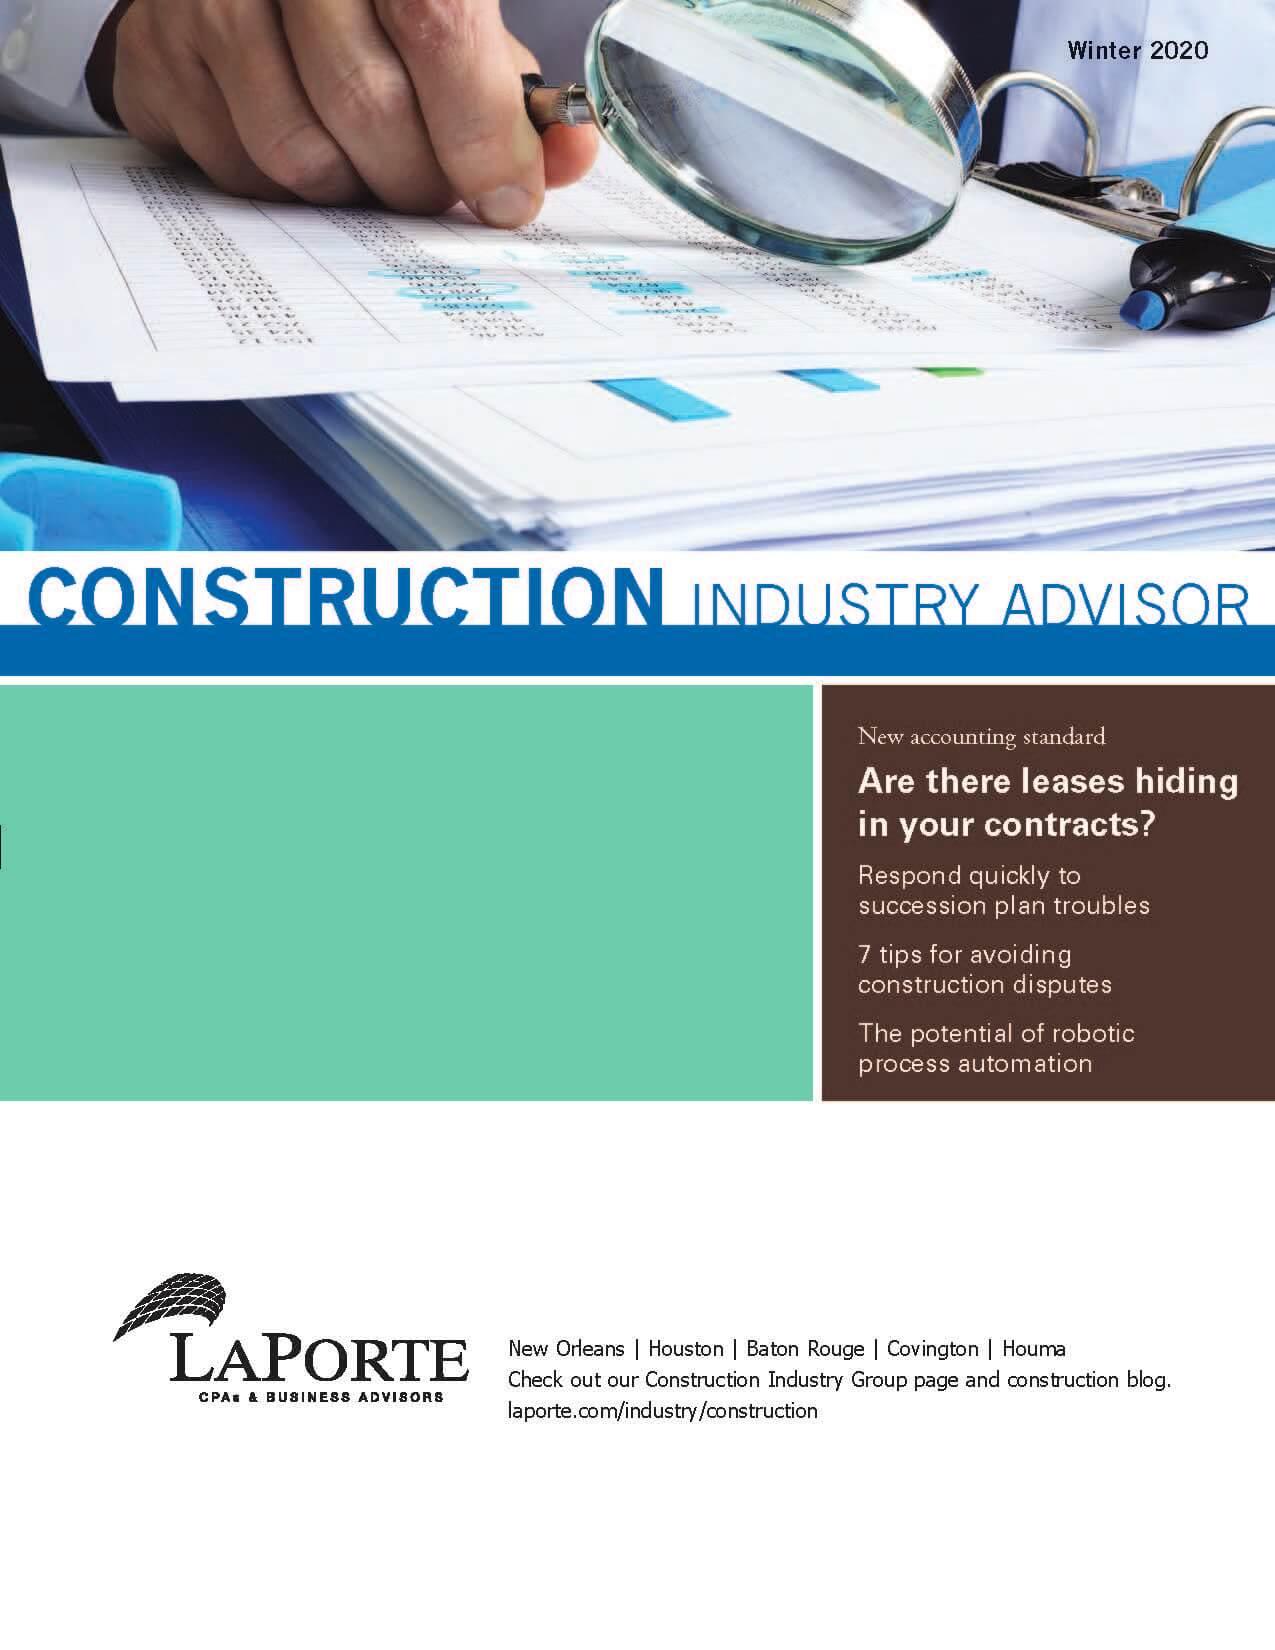 Construction Industry Advisor Winter 2020